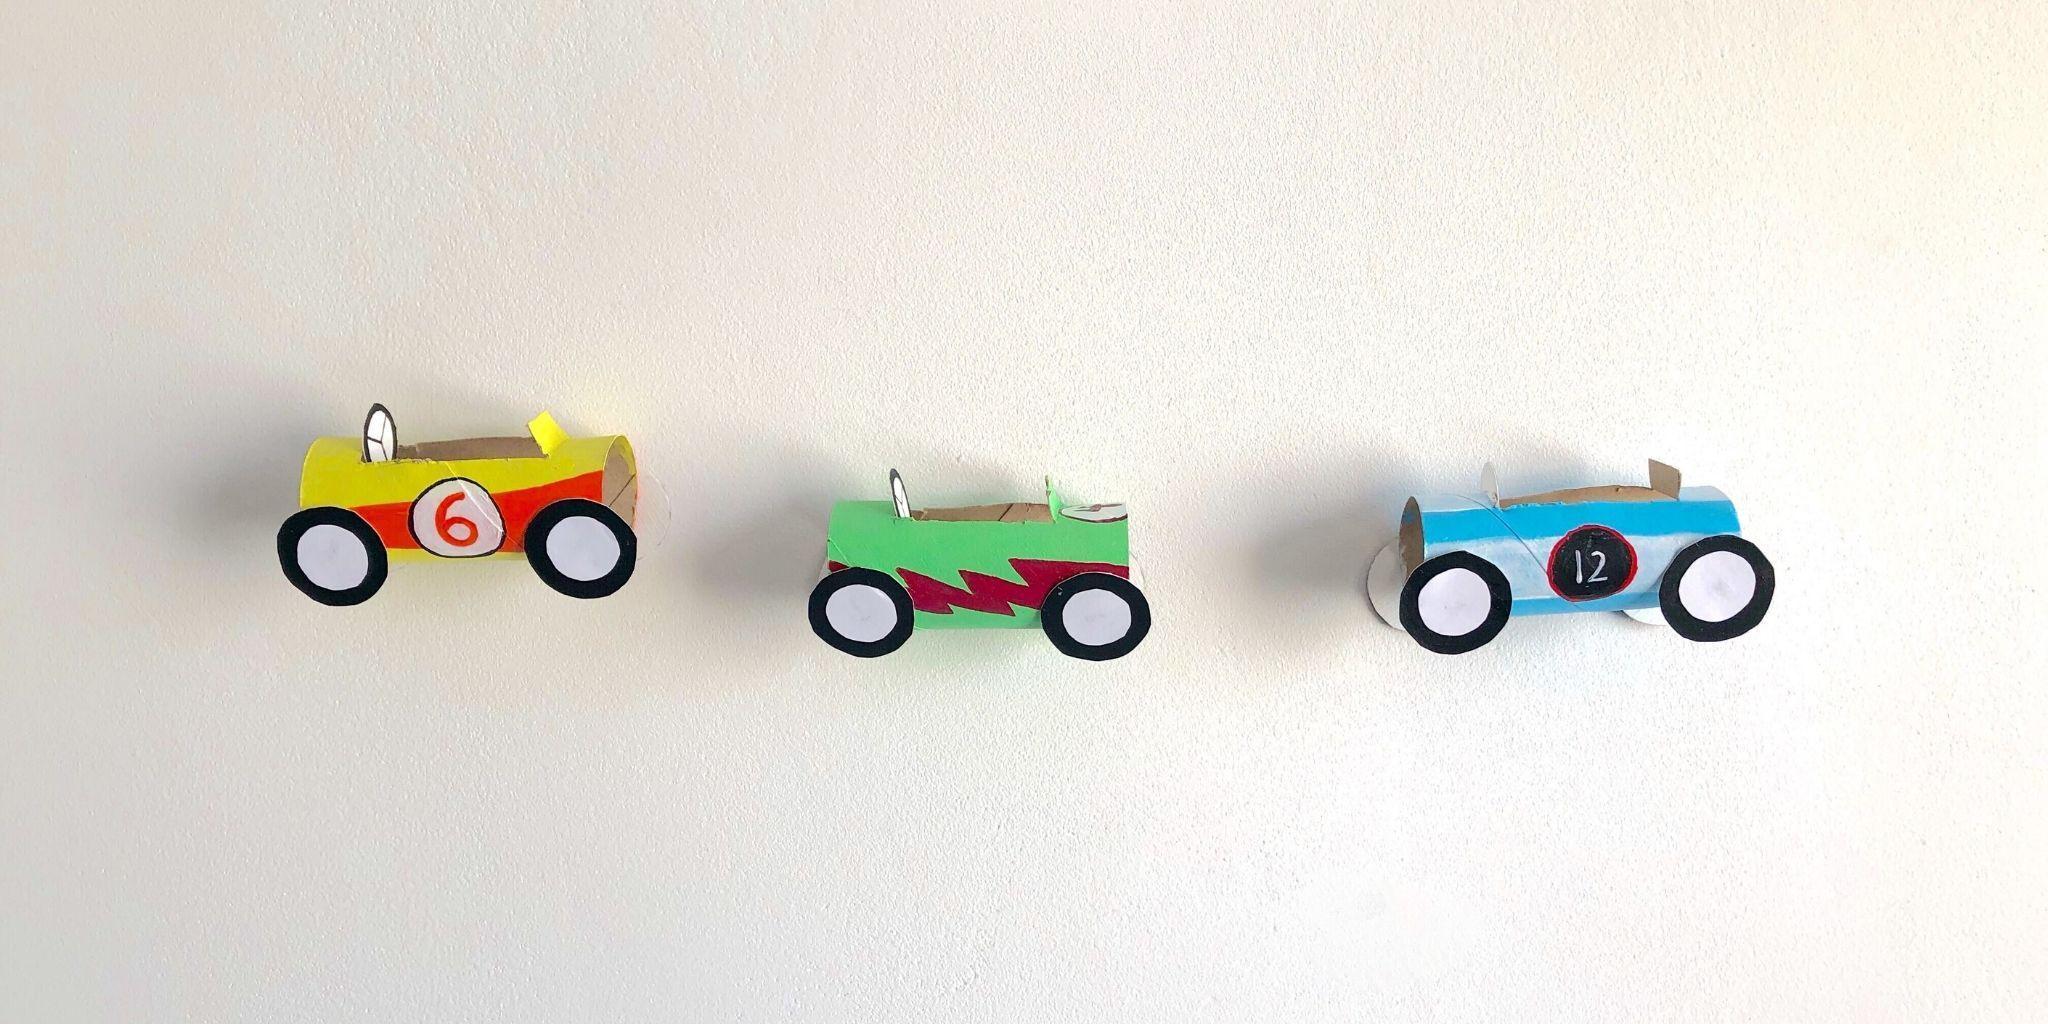 Carros de corrida com rolos de papel higiénico